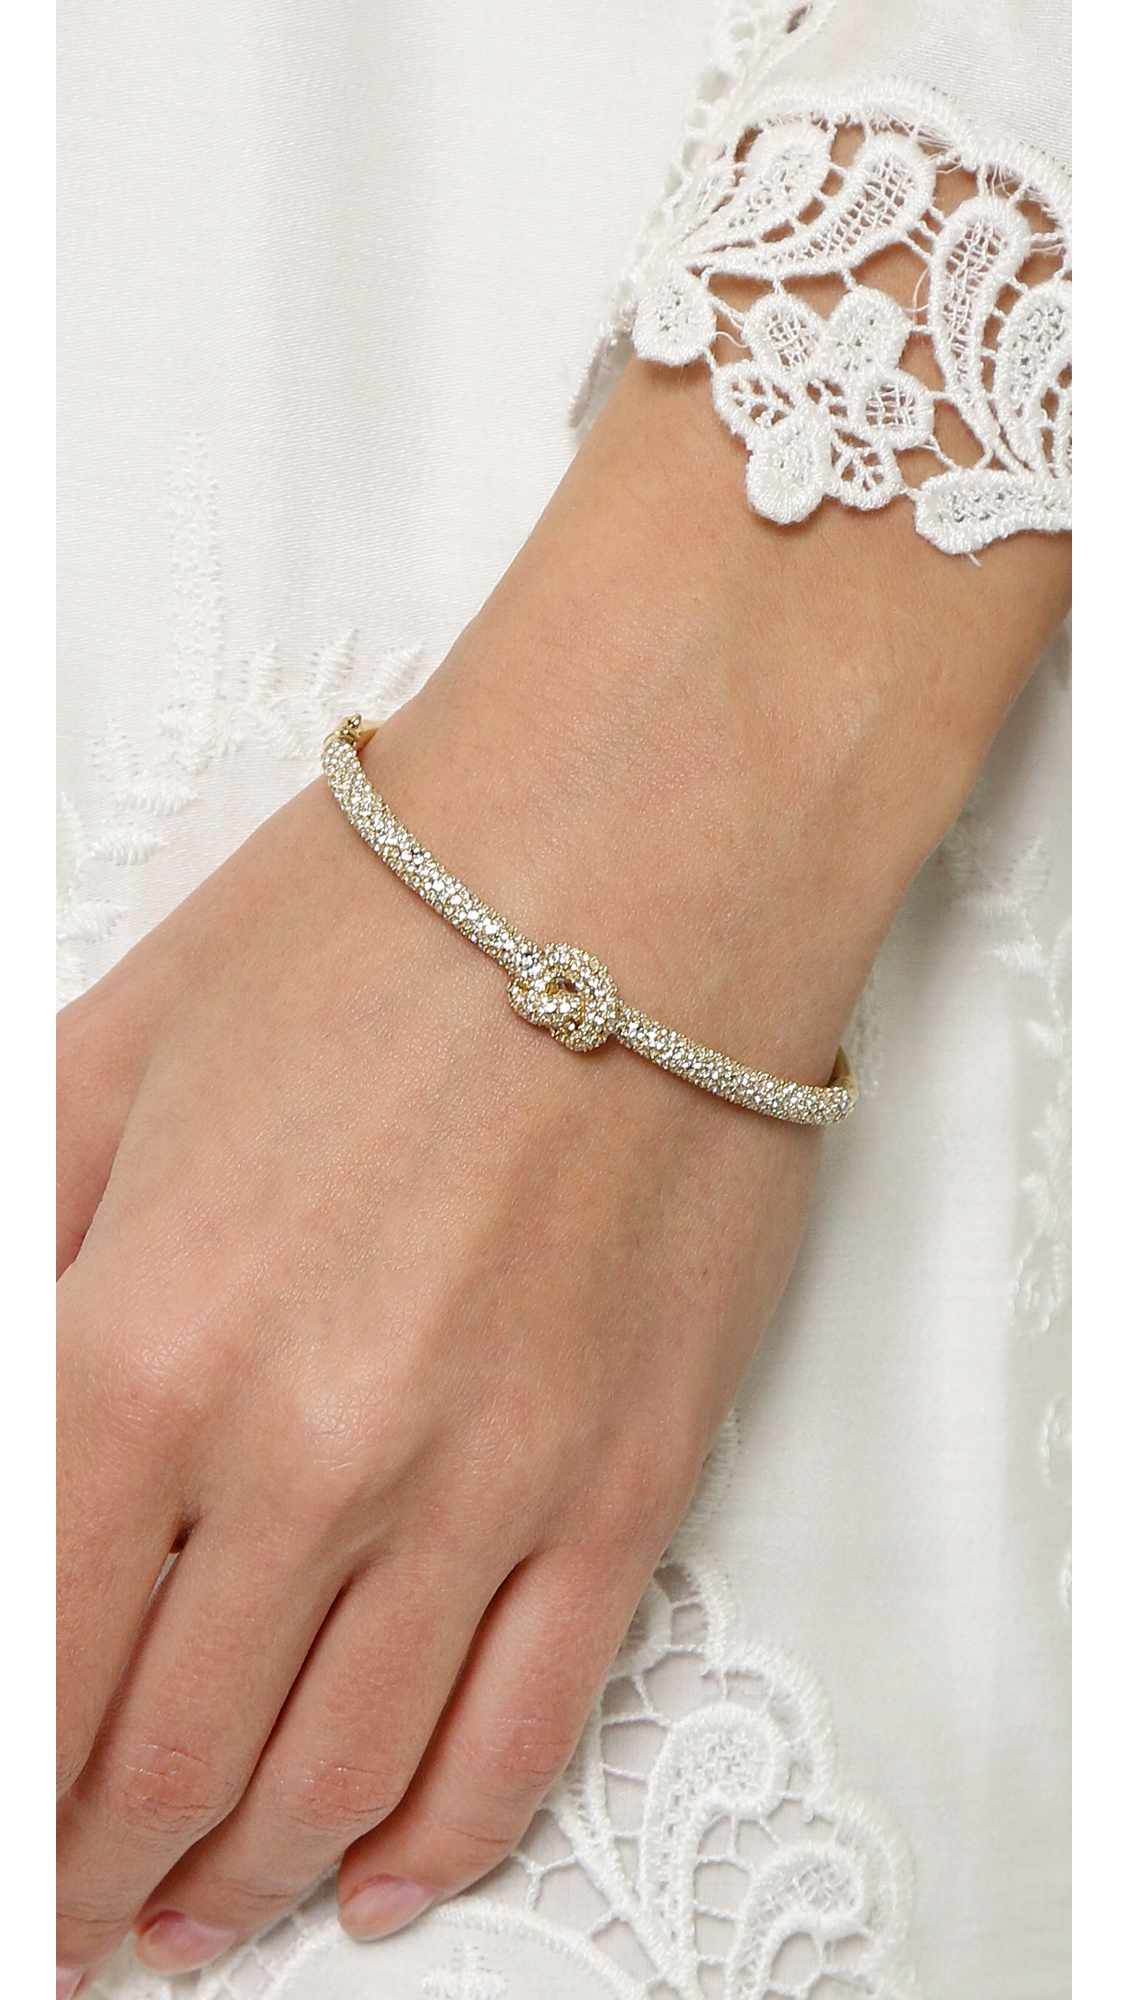 b908bb286542 Michael Kors Pave Knot Hinge Bracelet